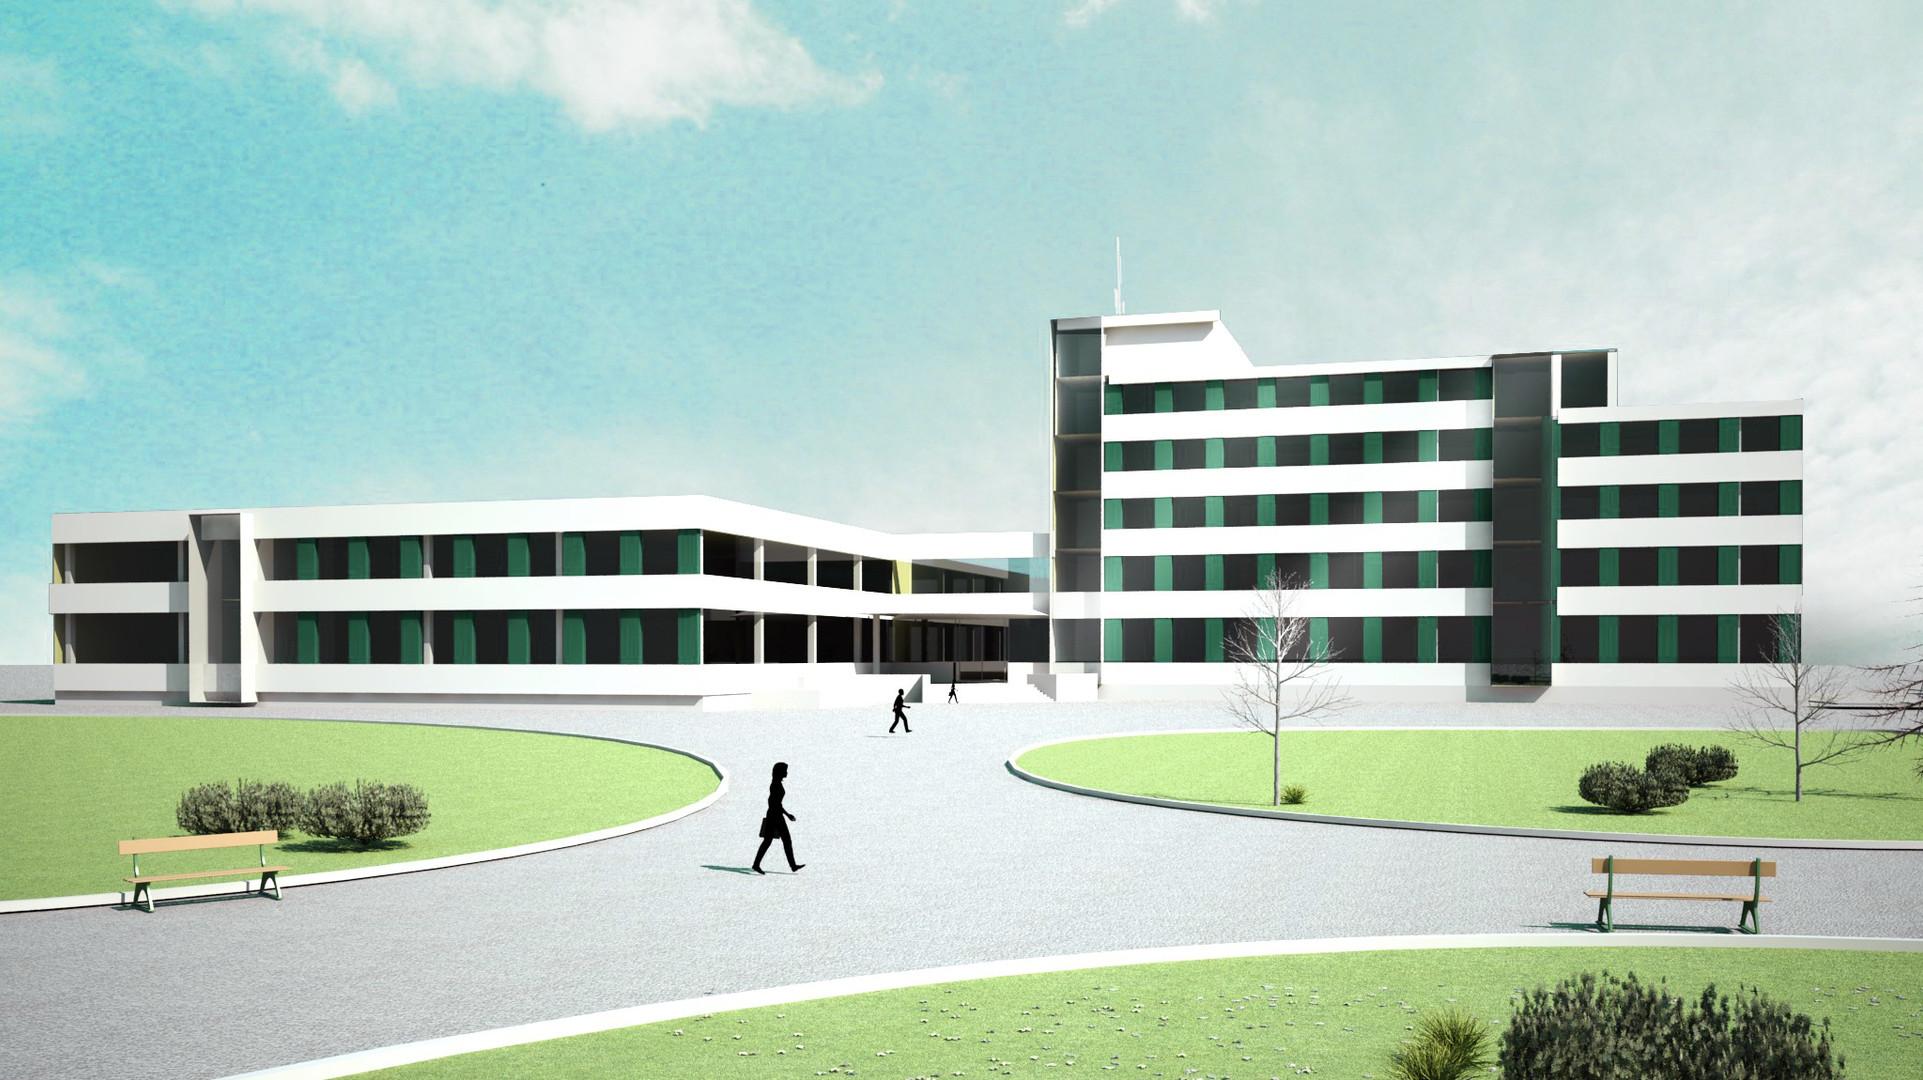 Nishnij Tagil Medizinisches Zentrum Außenansicht